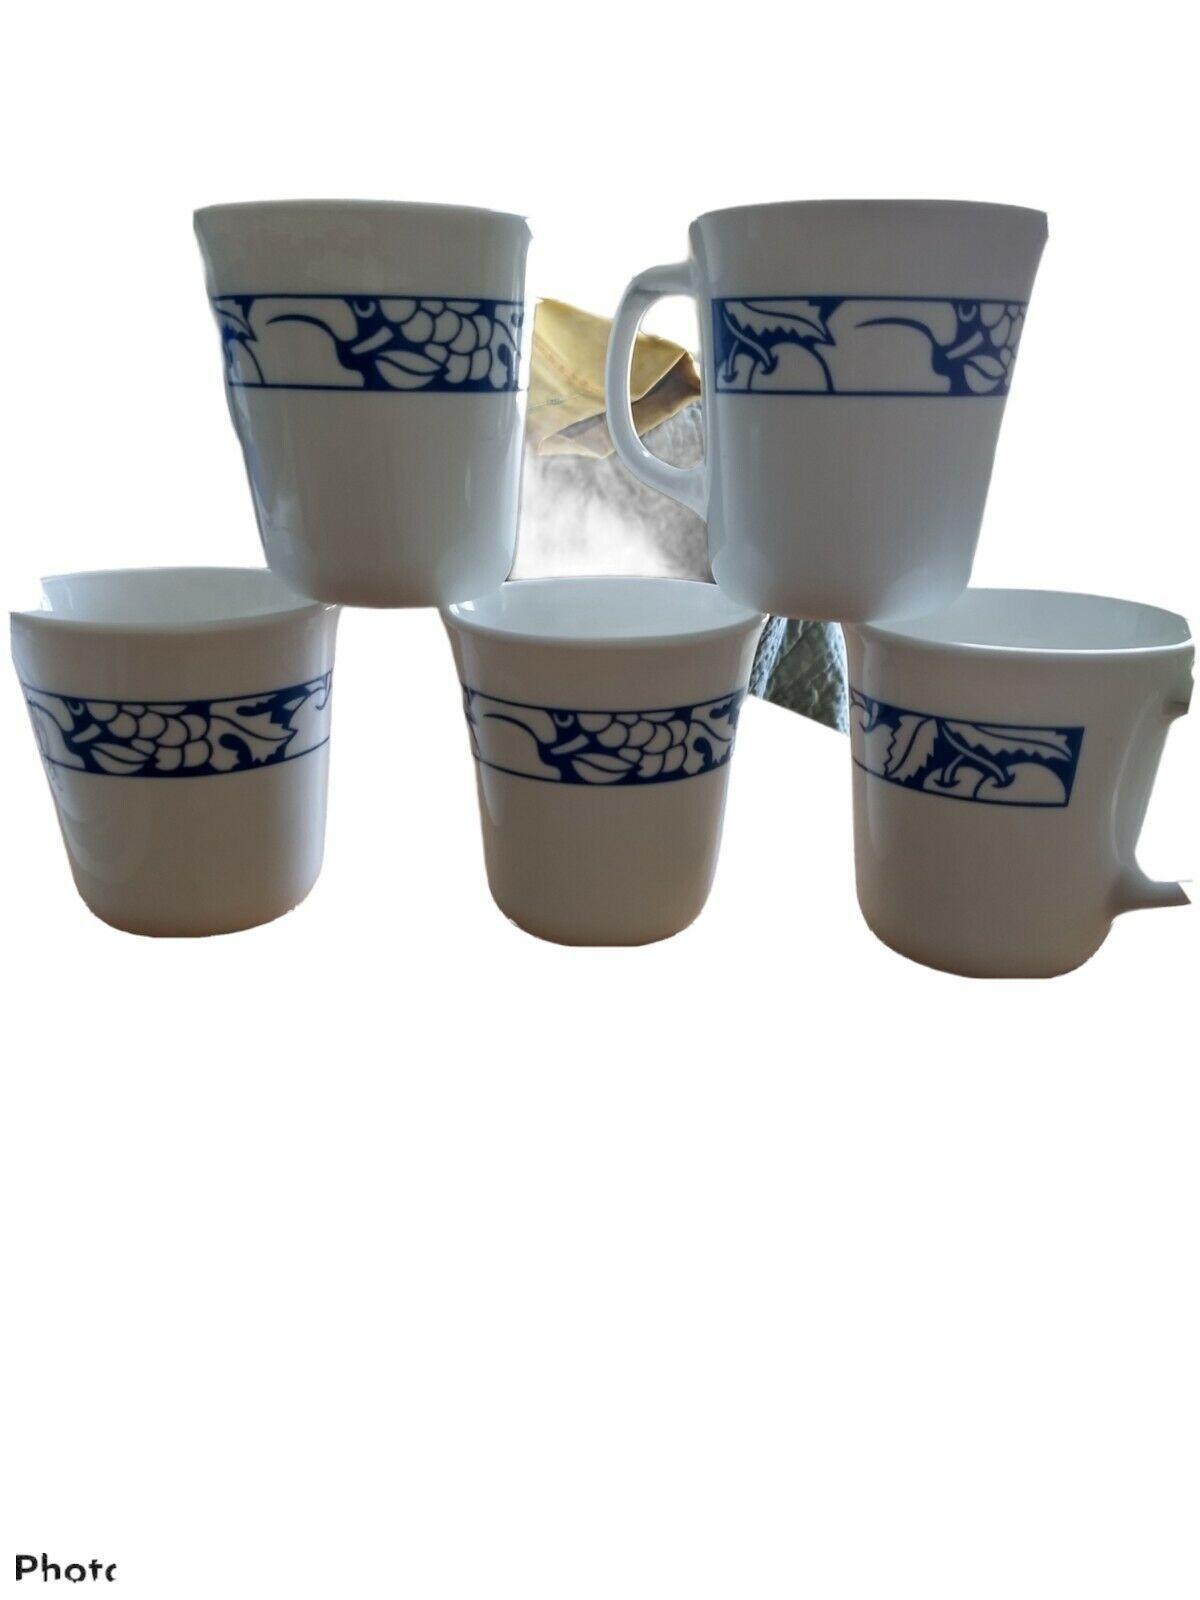 Corning Mug Harvest Time White Blue Rim Fruit Snd Leaves Lot Of Five - $24.74